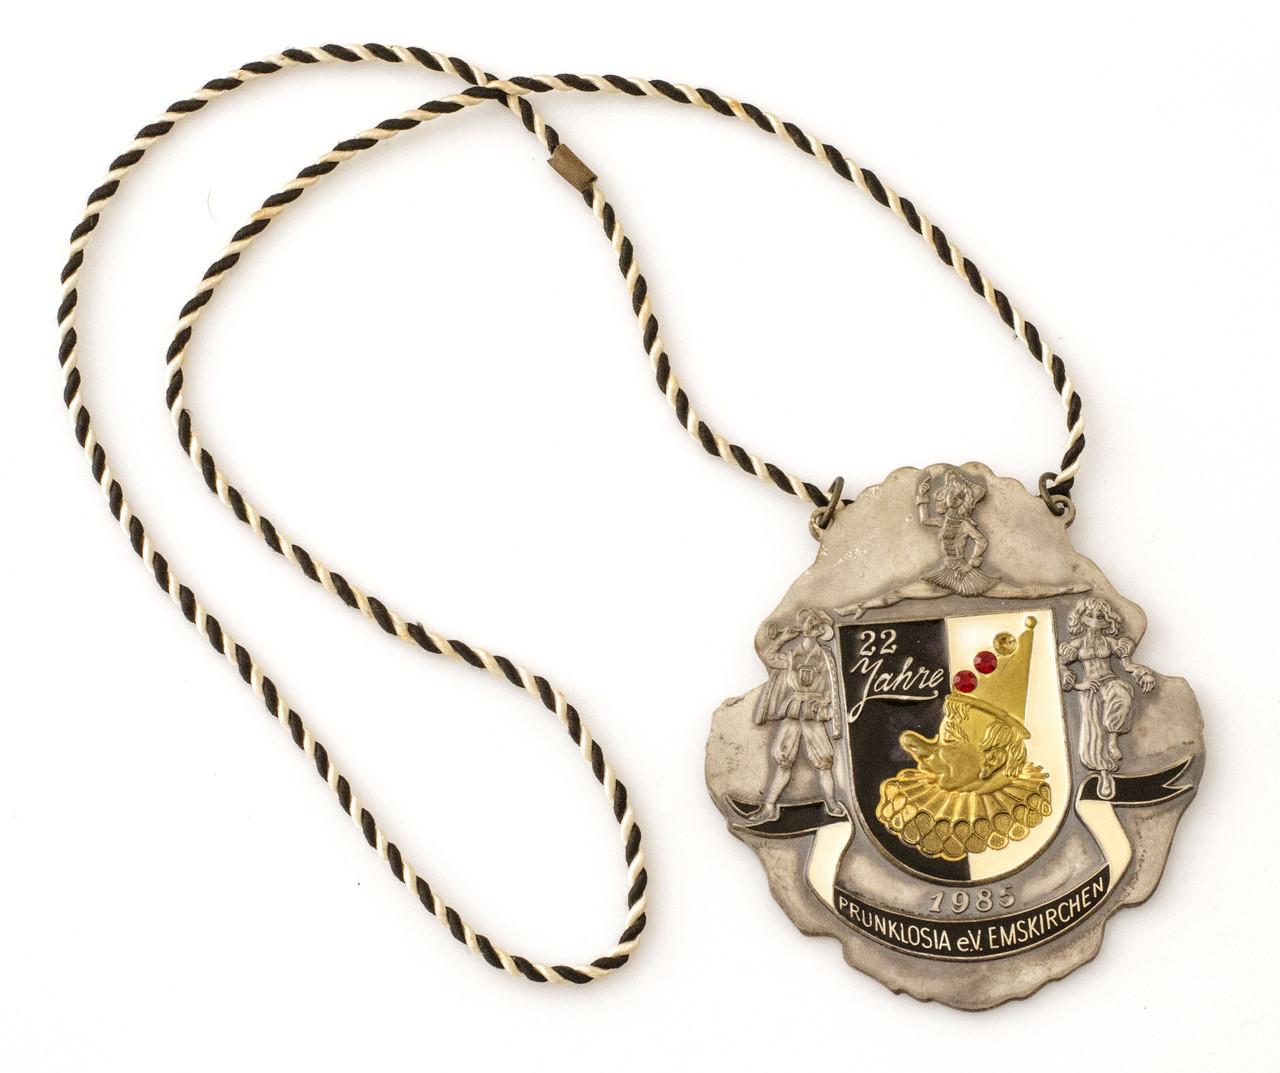 Mедальон, карнавальный ордер, Германия, олово, 1985 год